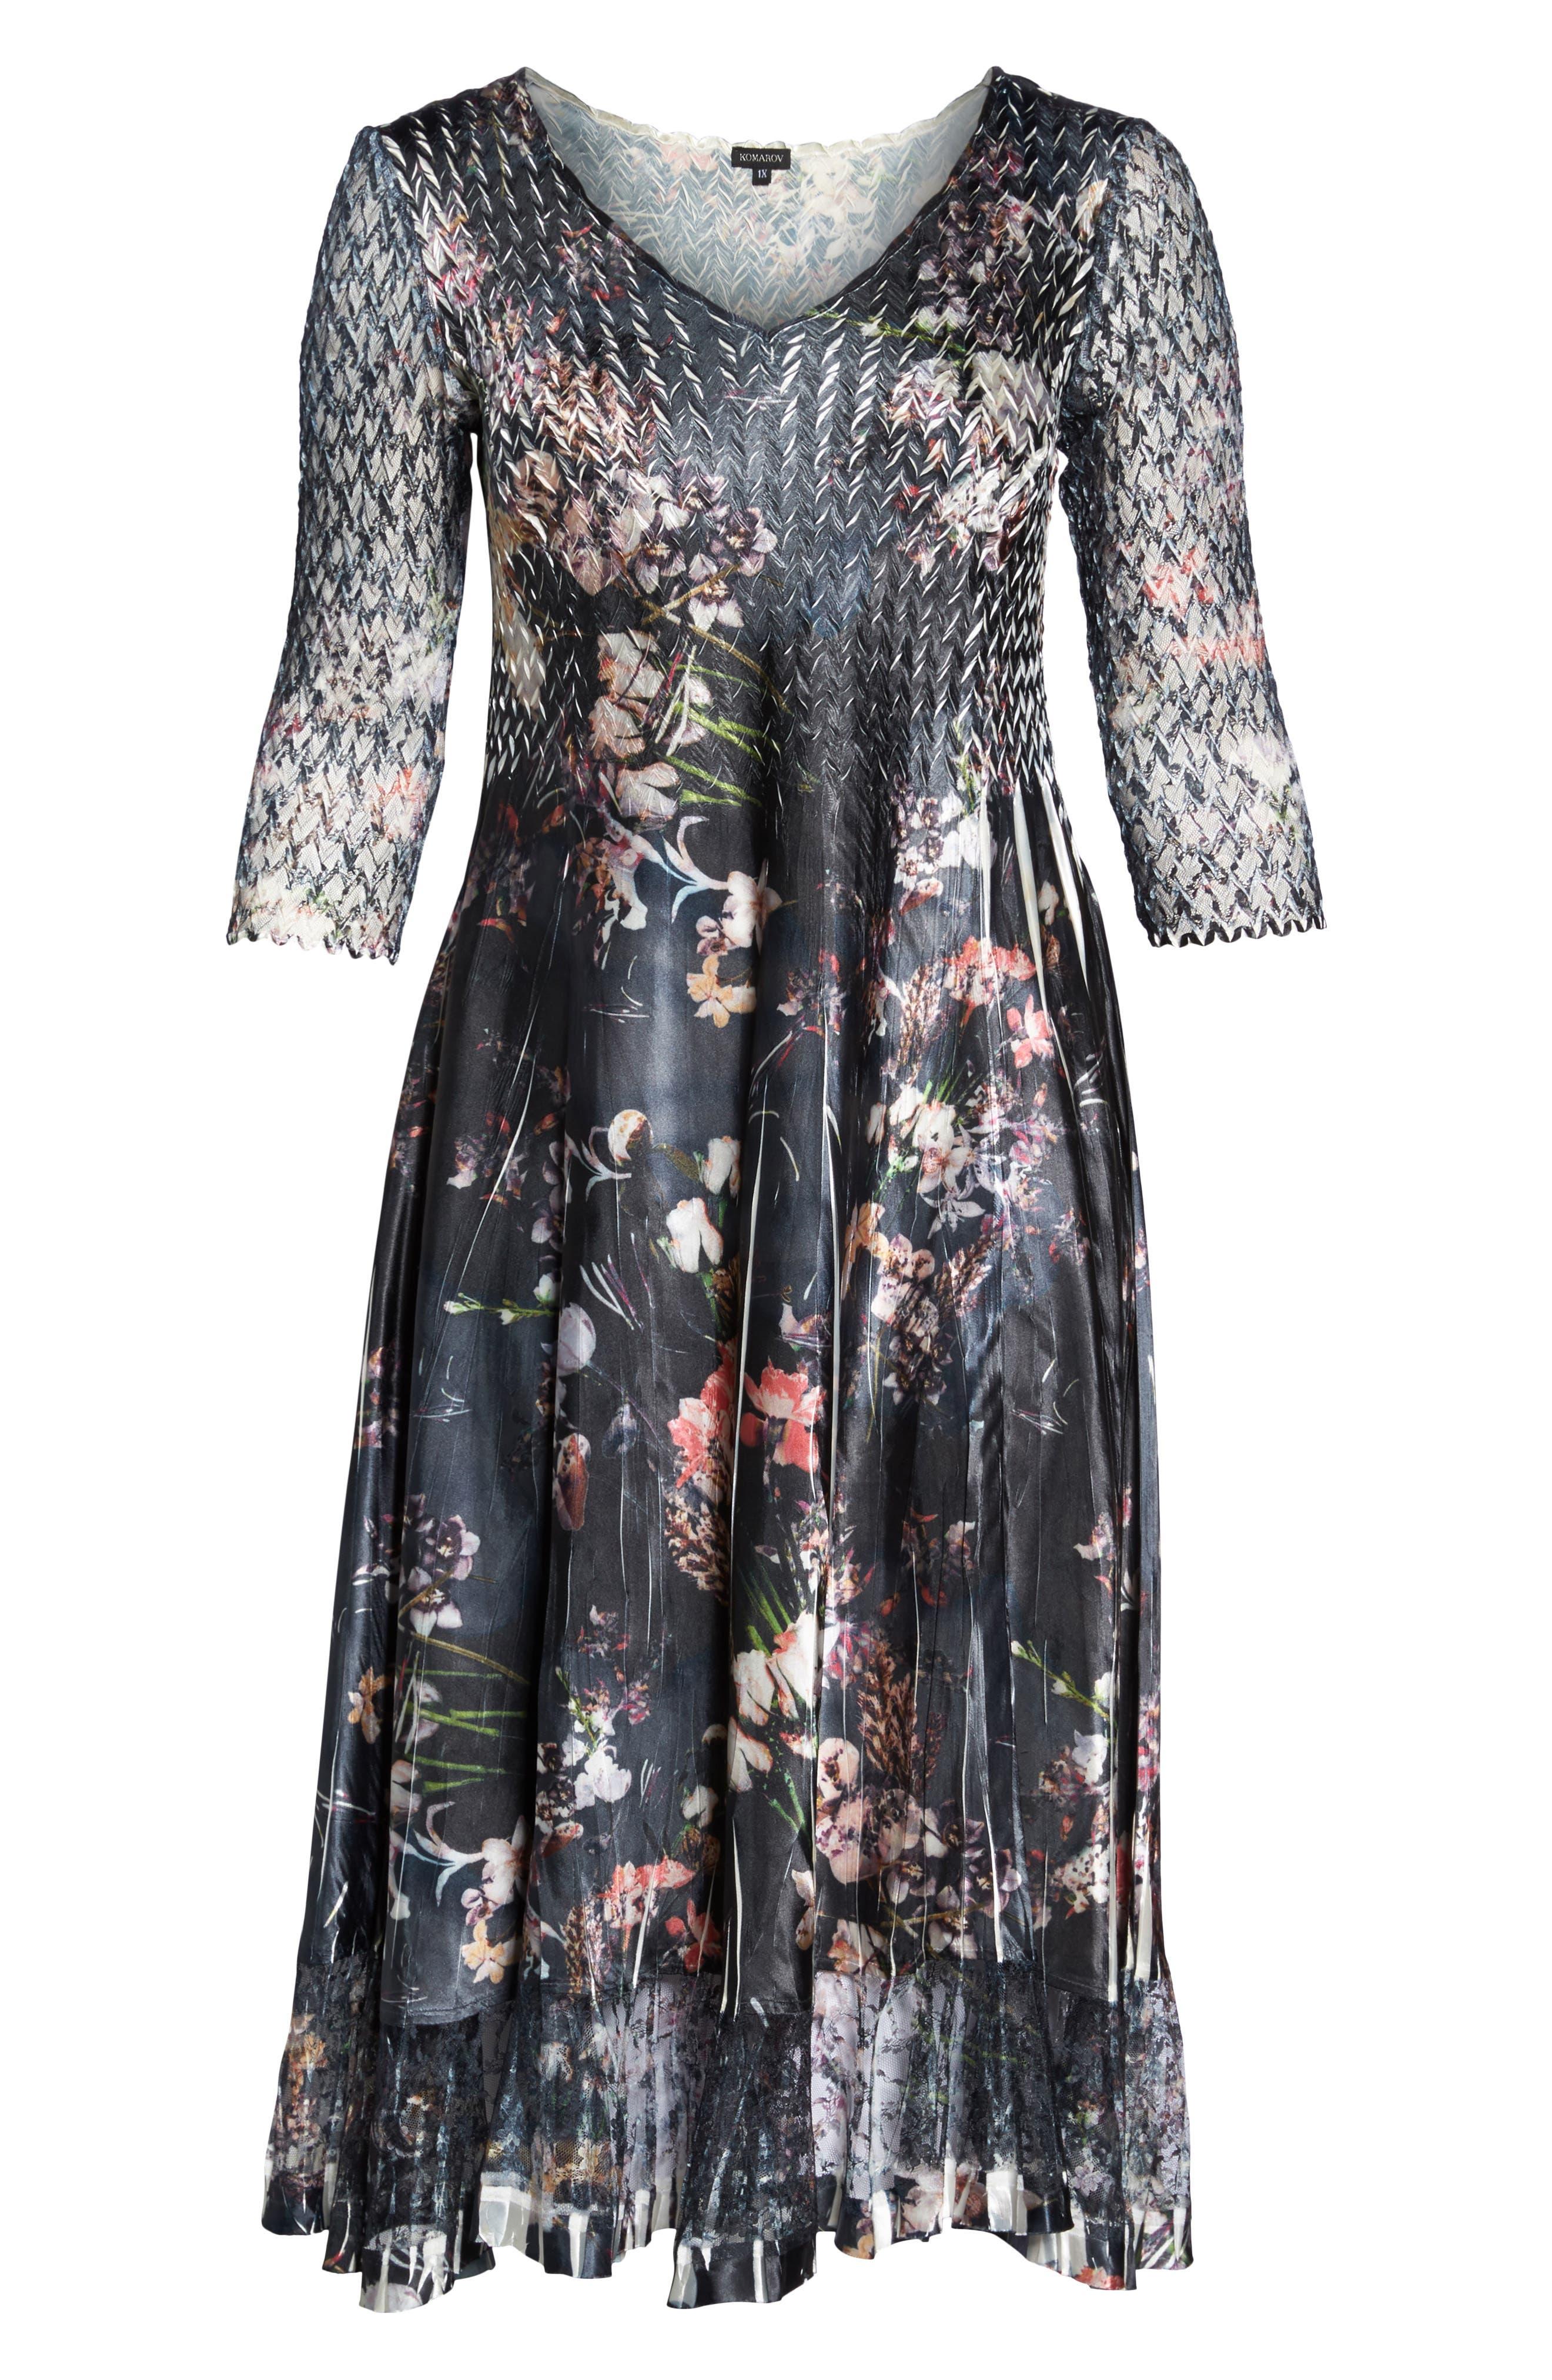 Lace Inset Floral Chiffon A-Line Dress,                             Alternate thumbnail 6, color,                             404